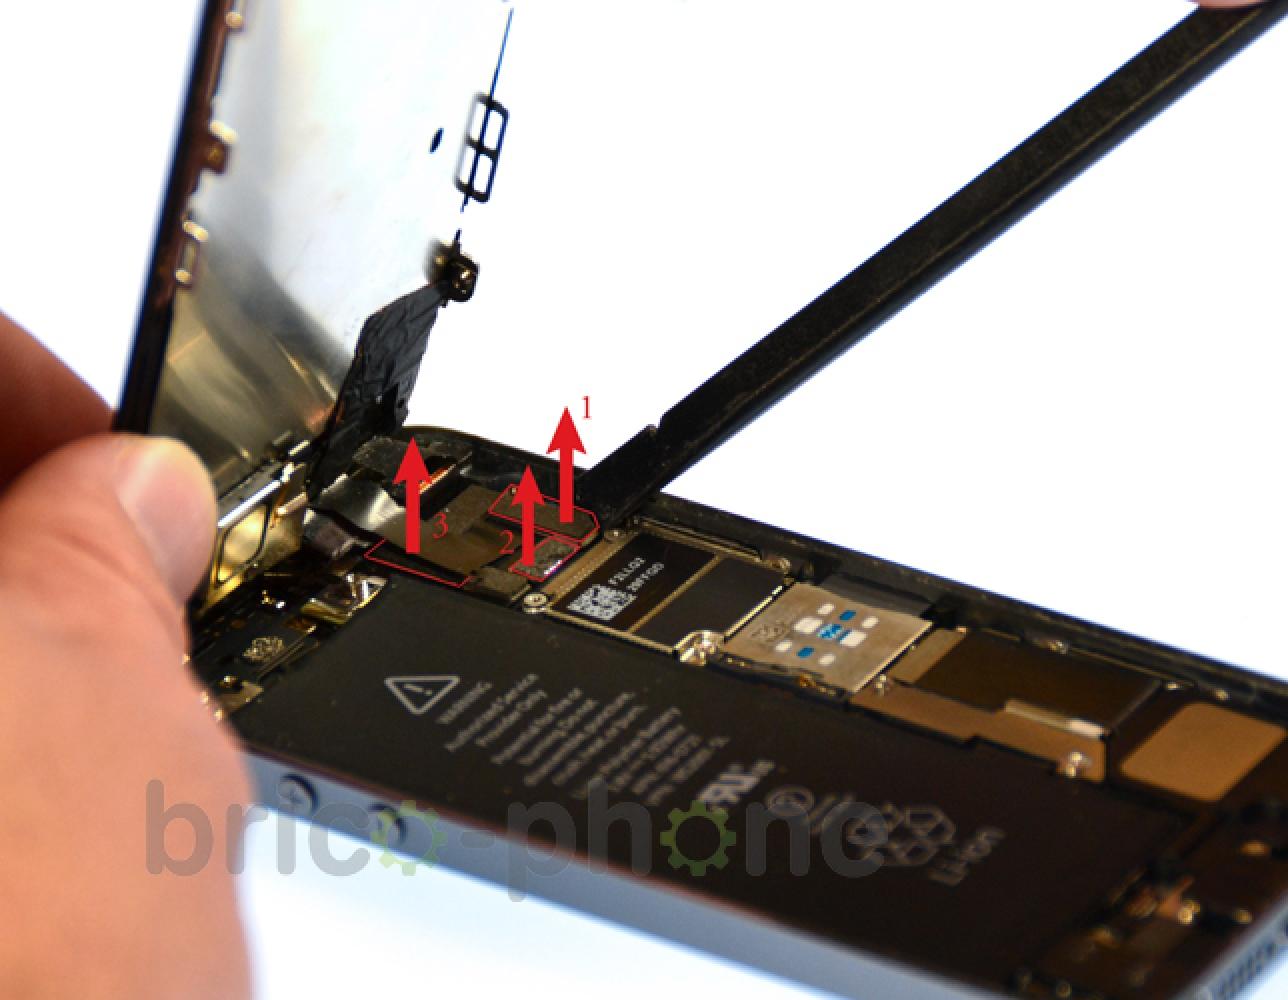 Etape 7 : Déconnecter les nappes LCD, tactile et caméra Facetime